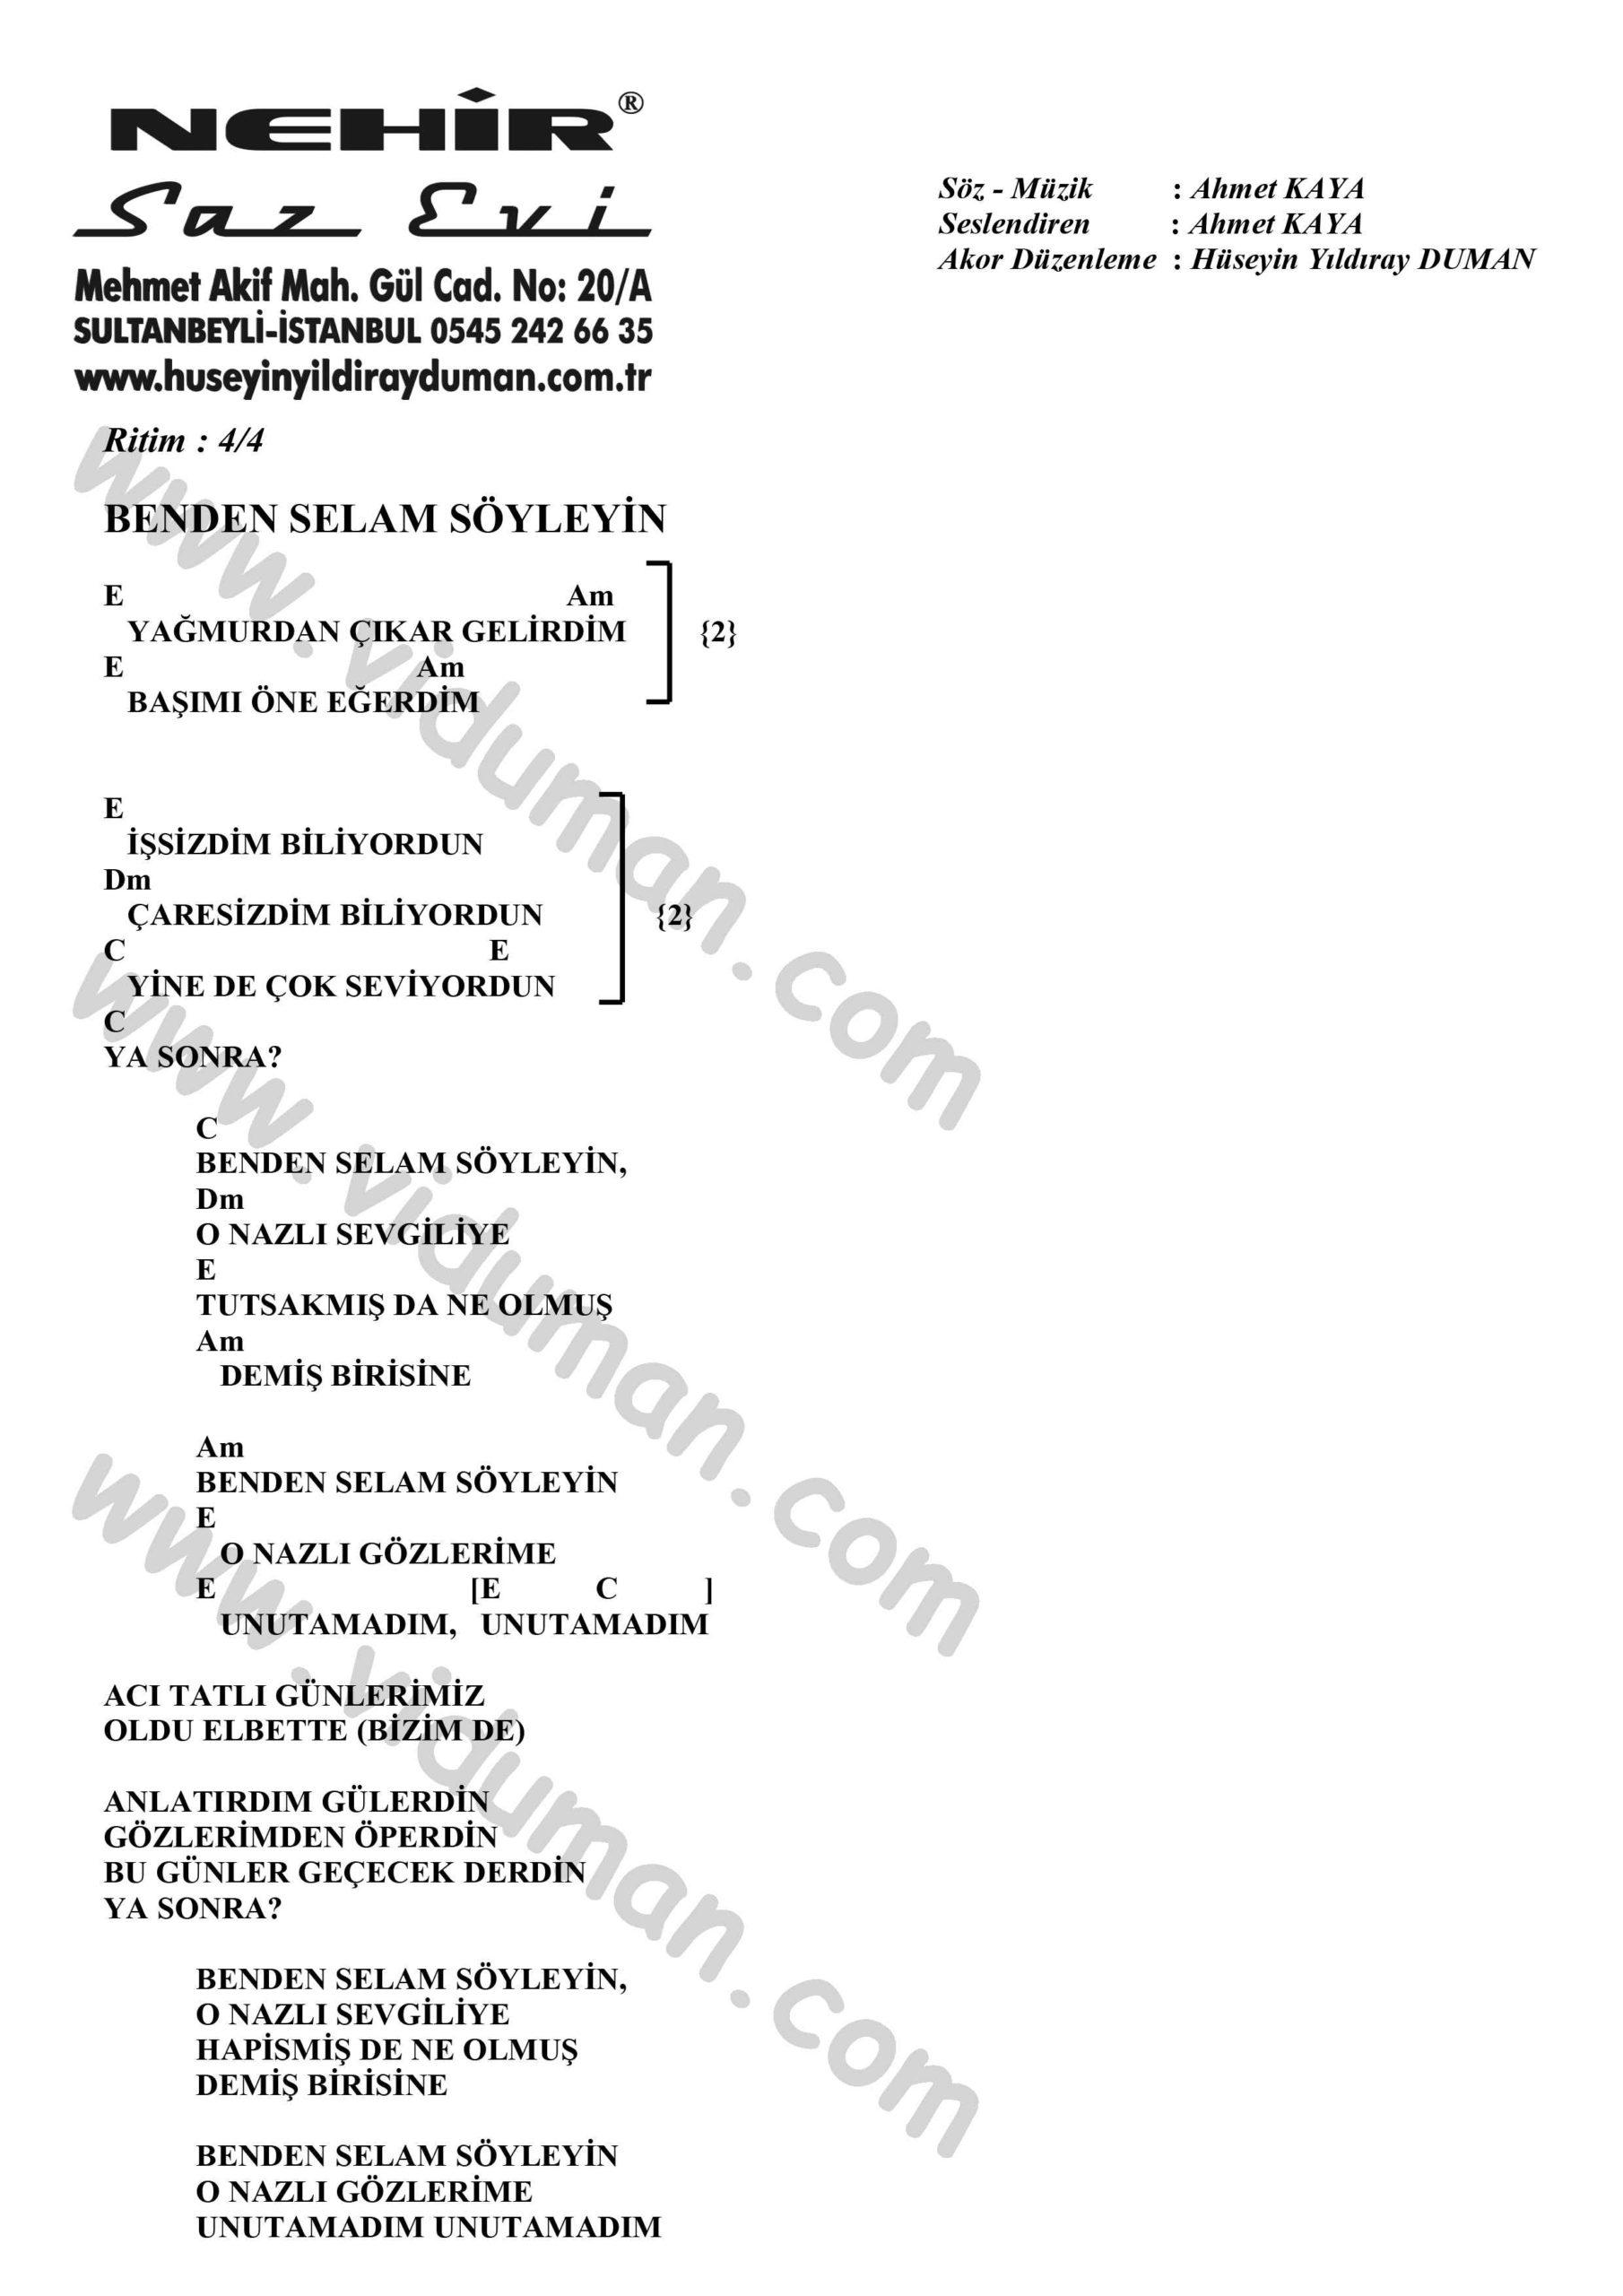 Benden Selam Soyleyin-Ahmet Kaya-Ritim-Gitar-Akorlari